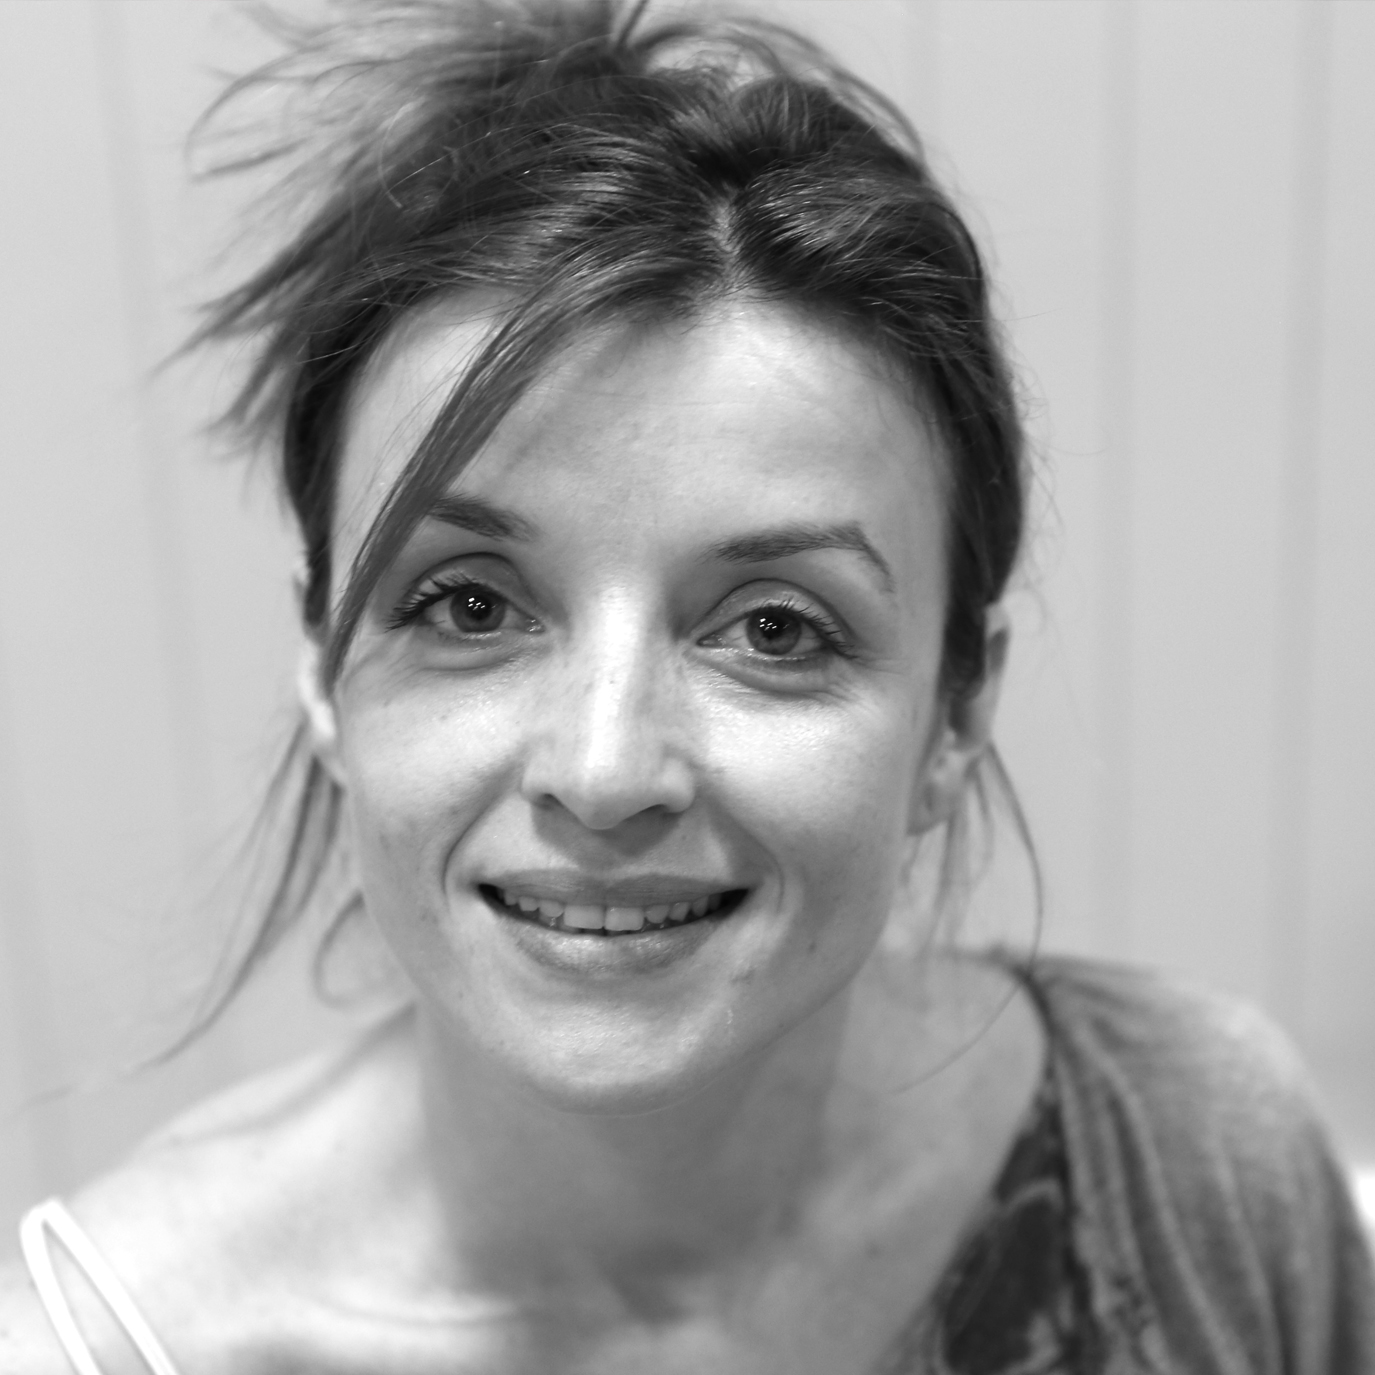 Aude-portrait danseuse